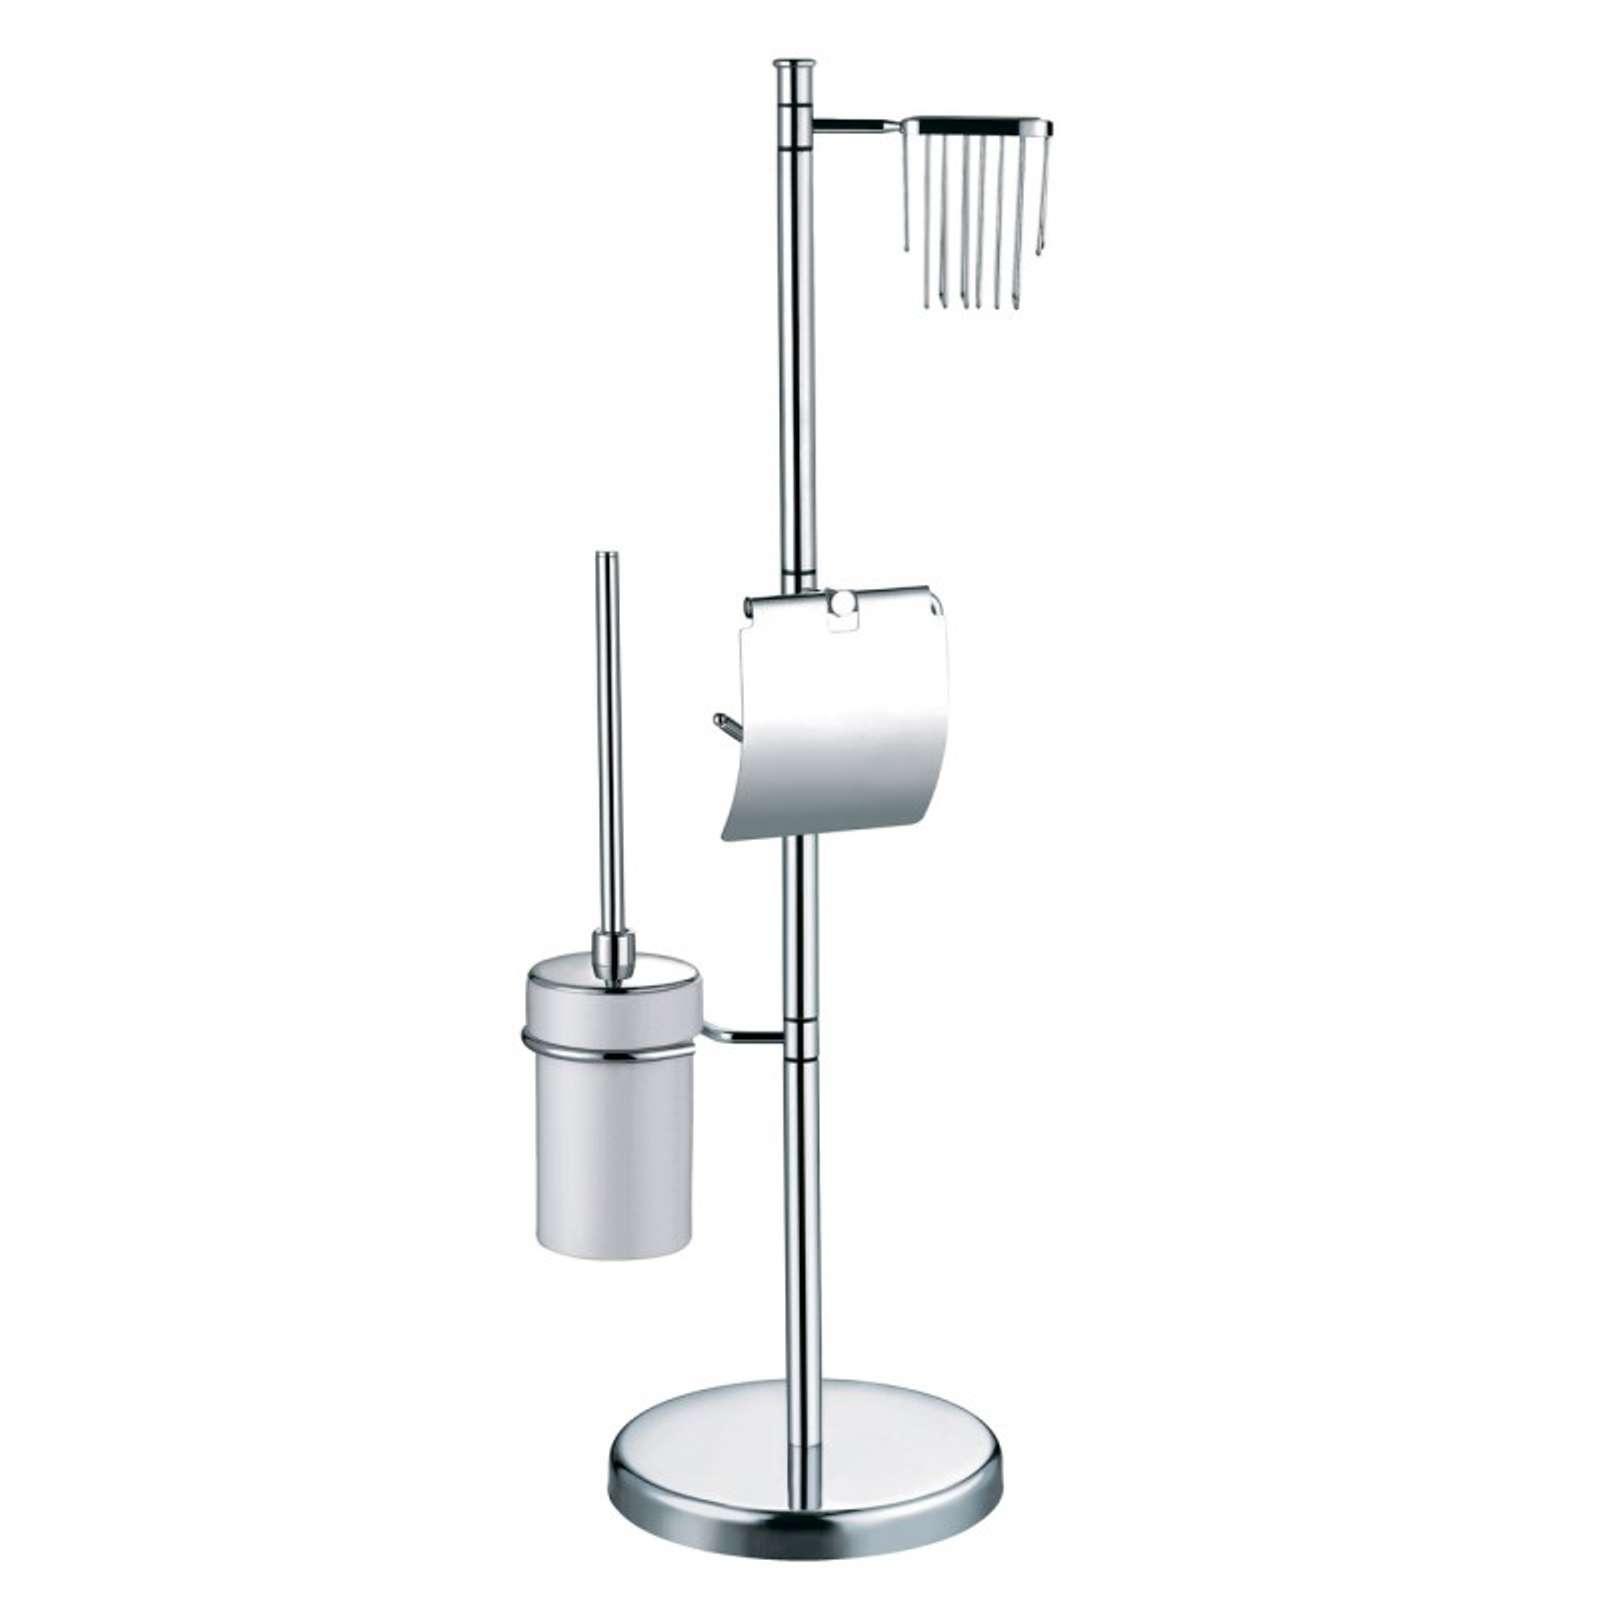 Стойка для туалета Fixsen FX-433